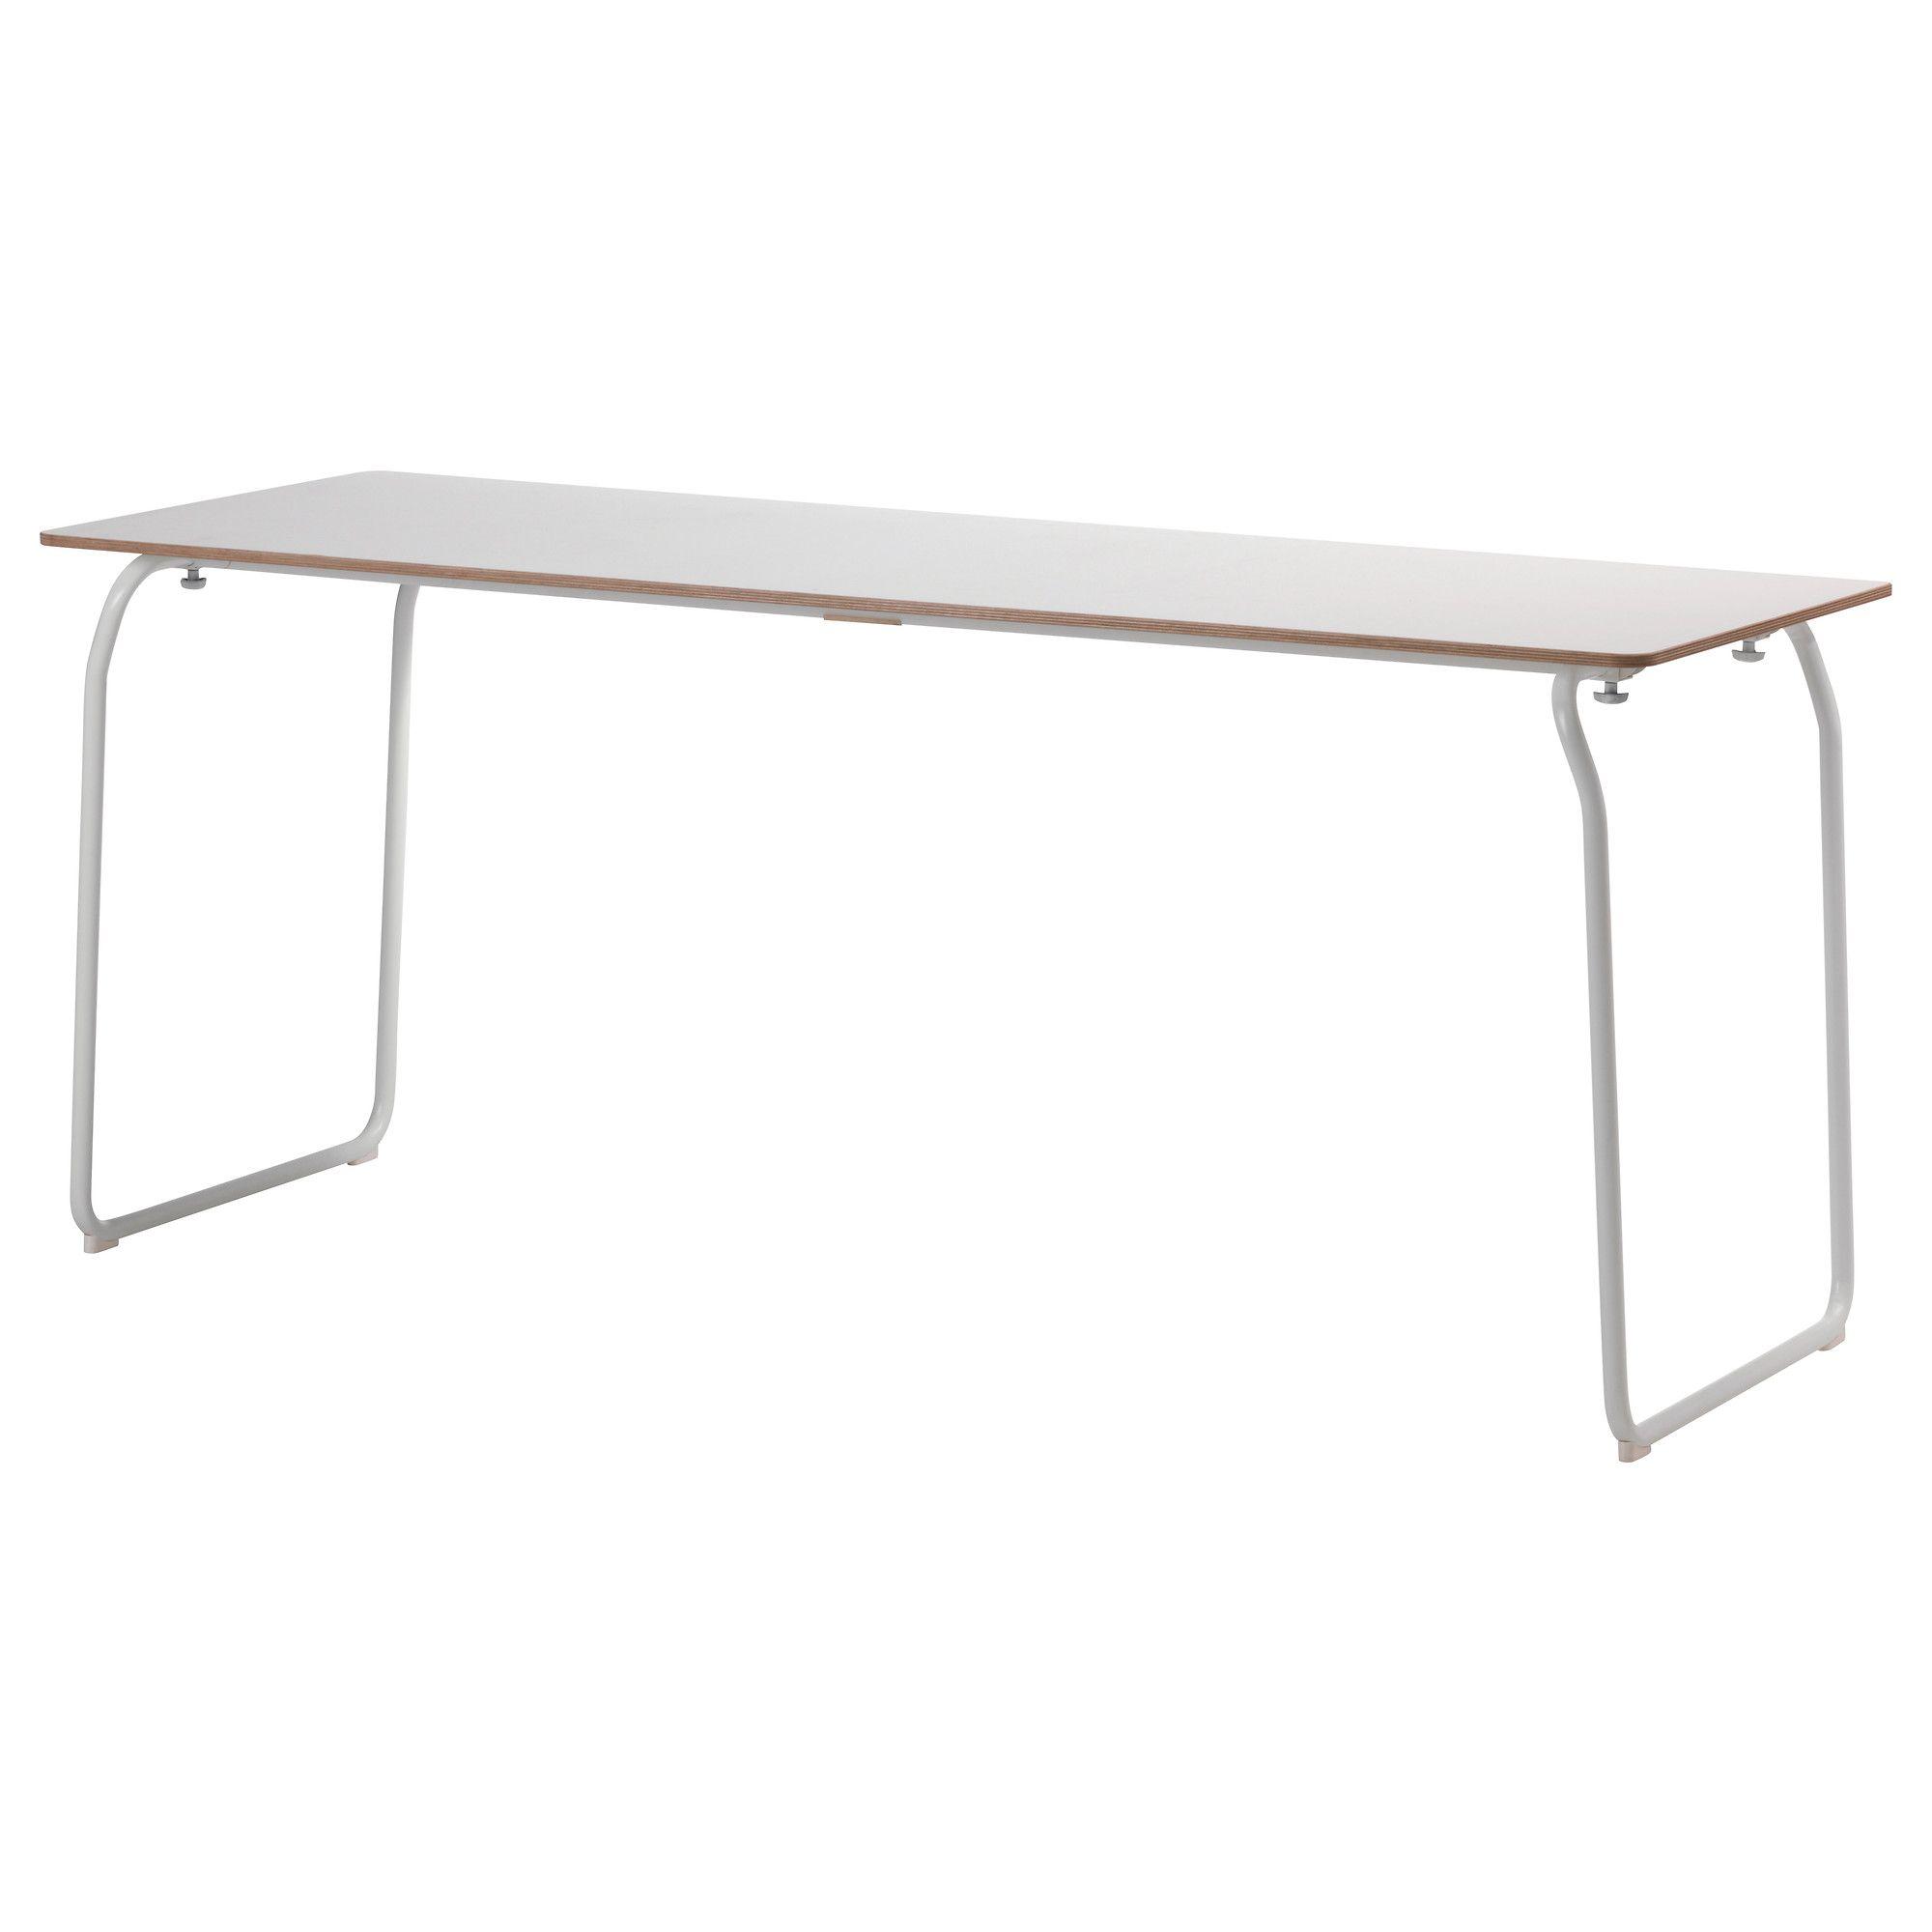 IKEA PS 2014 Tisch innen außen weiß Jetzt bestellen unter